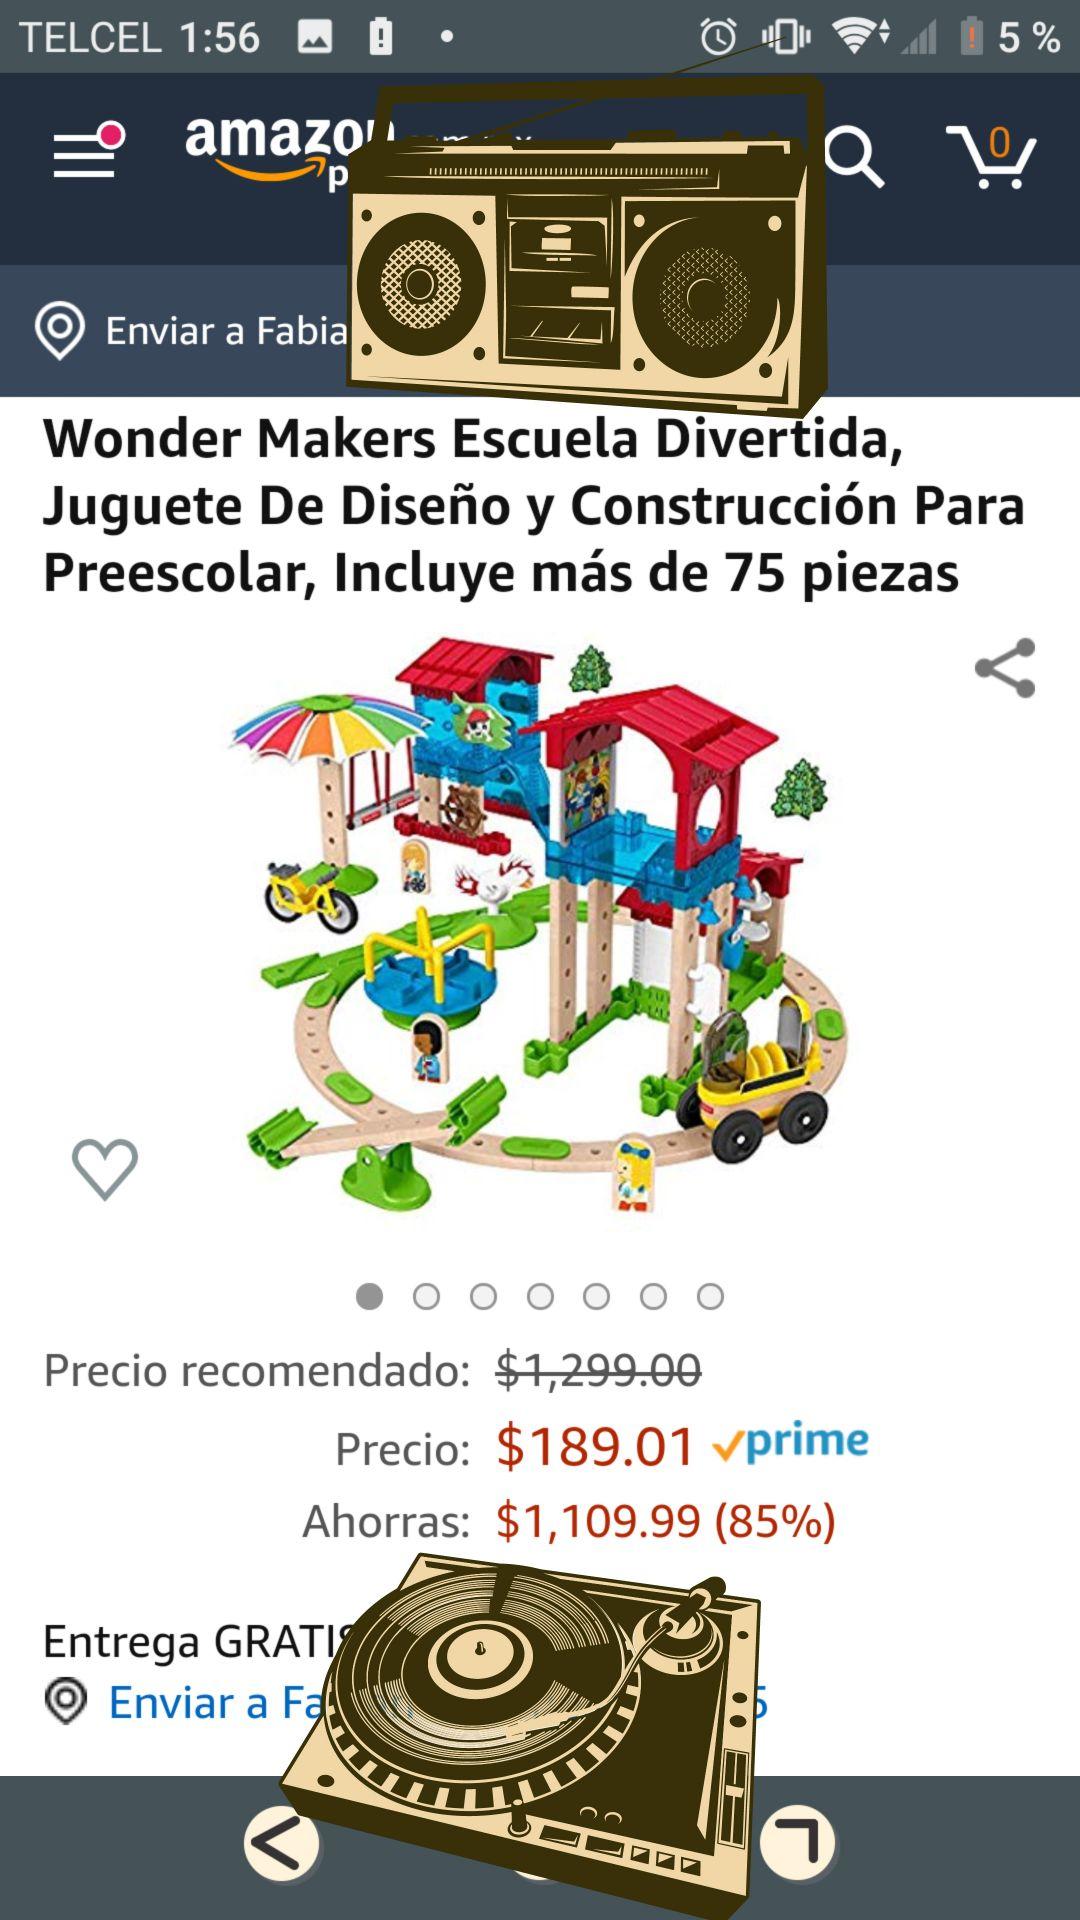 Amazon Wonder Makers Escuela Divertida, Juguete De Diseño y Construcción Para Preescolar